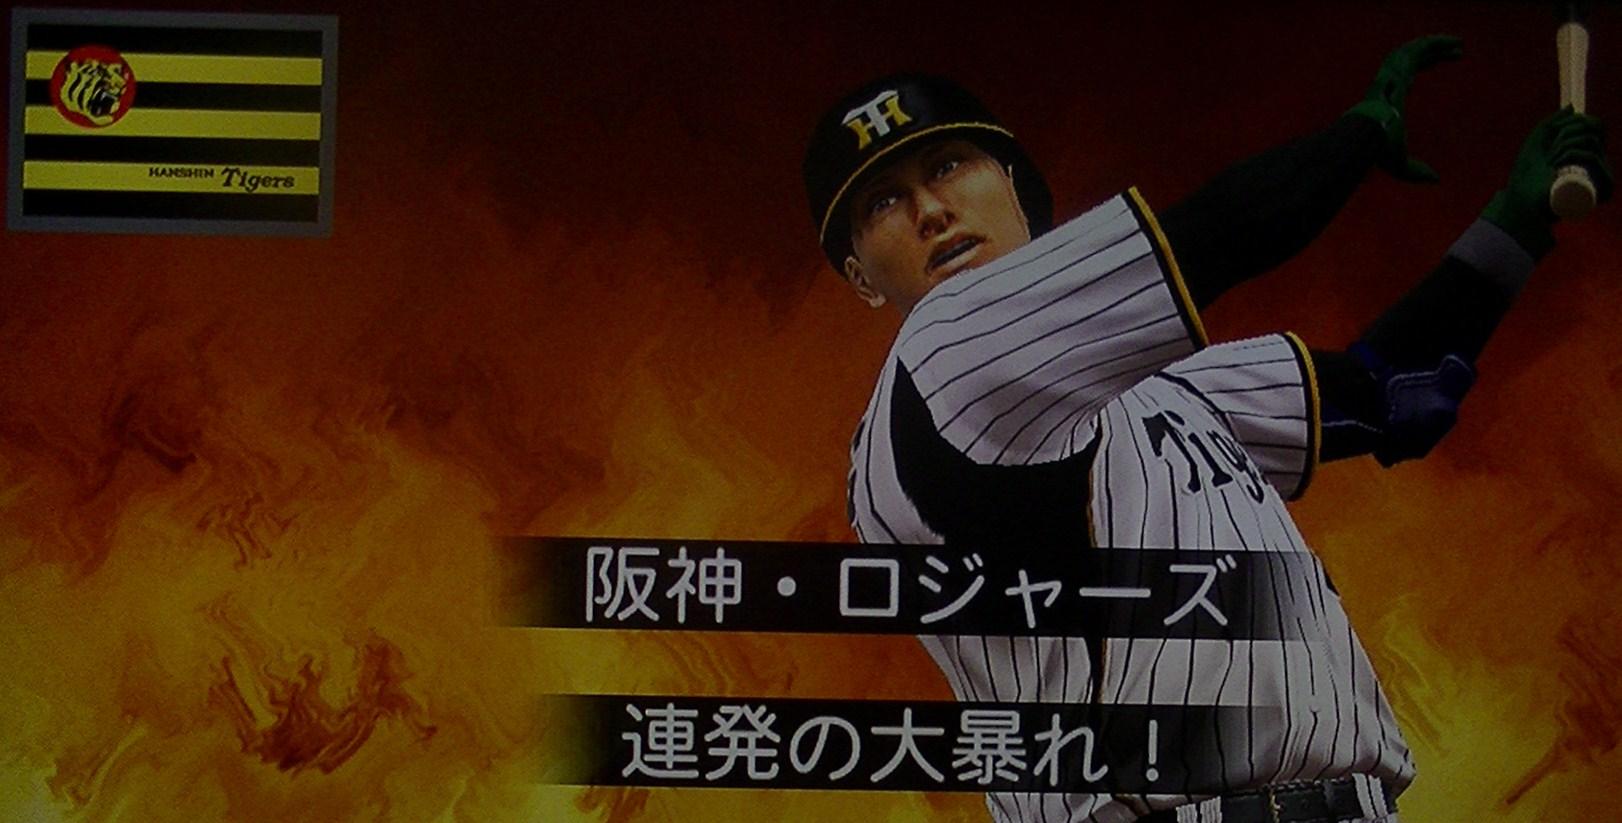 プロスピ2013H25.5.23ロッテ2回戦 001